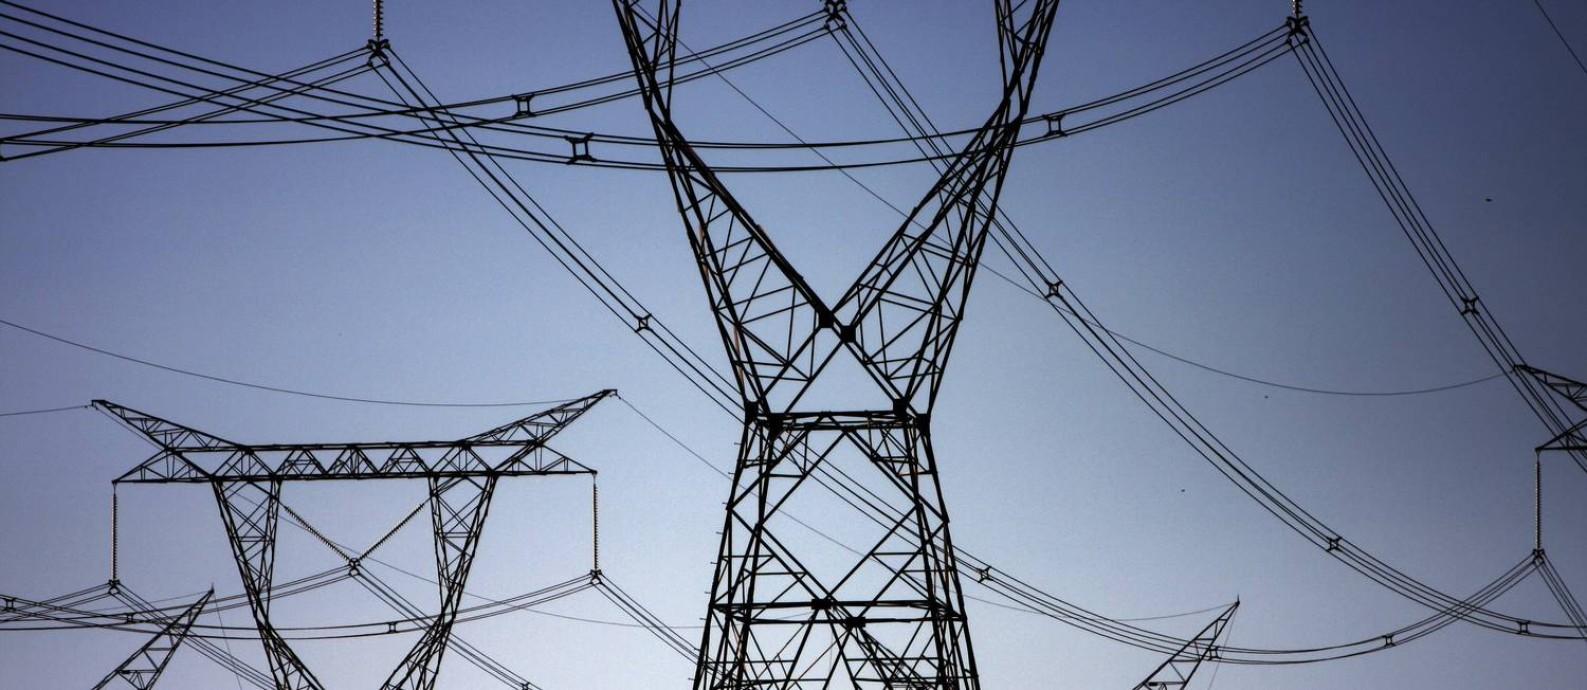 Concessionárias ainda podem cobrar os serviços acessórios no mesmo código de barras da conta de luz Foto: Dado Galdieri